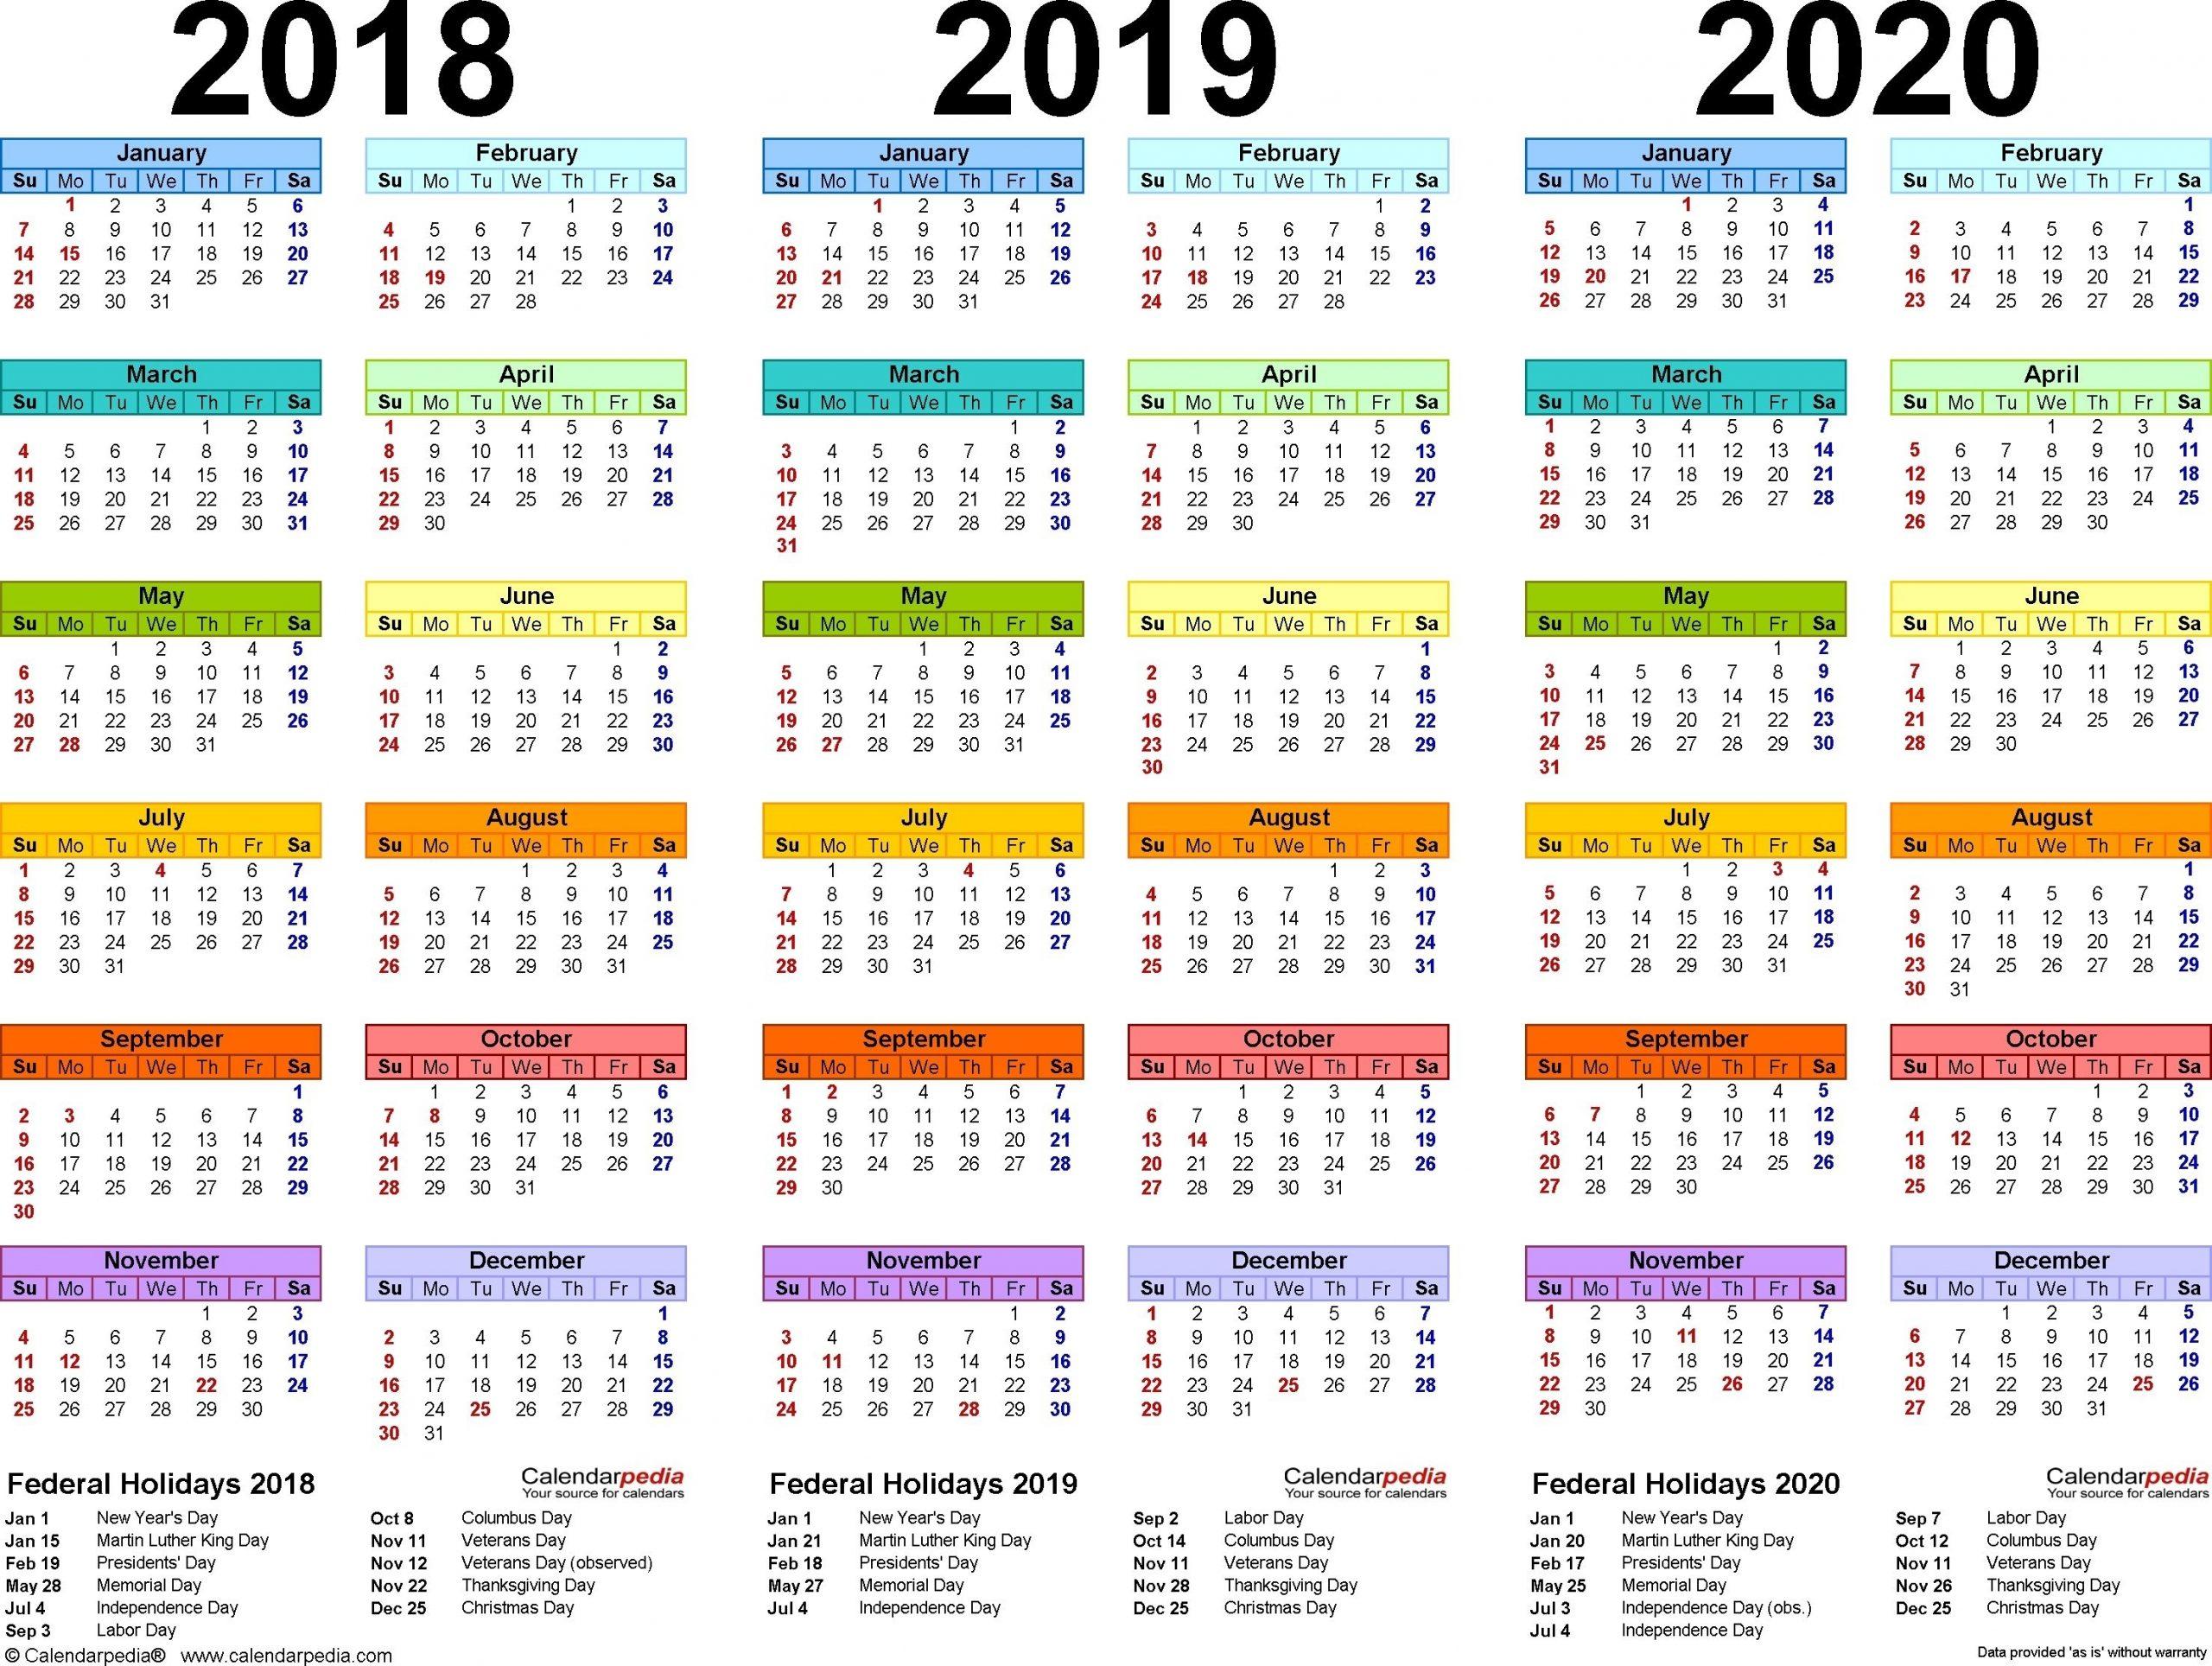 3 Year Printable Calendar 2019 2020 2021 In 2020 | Calendar